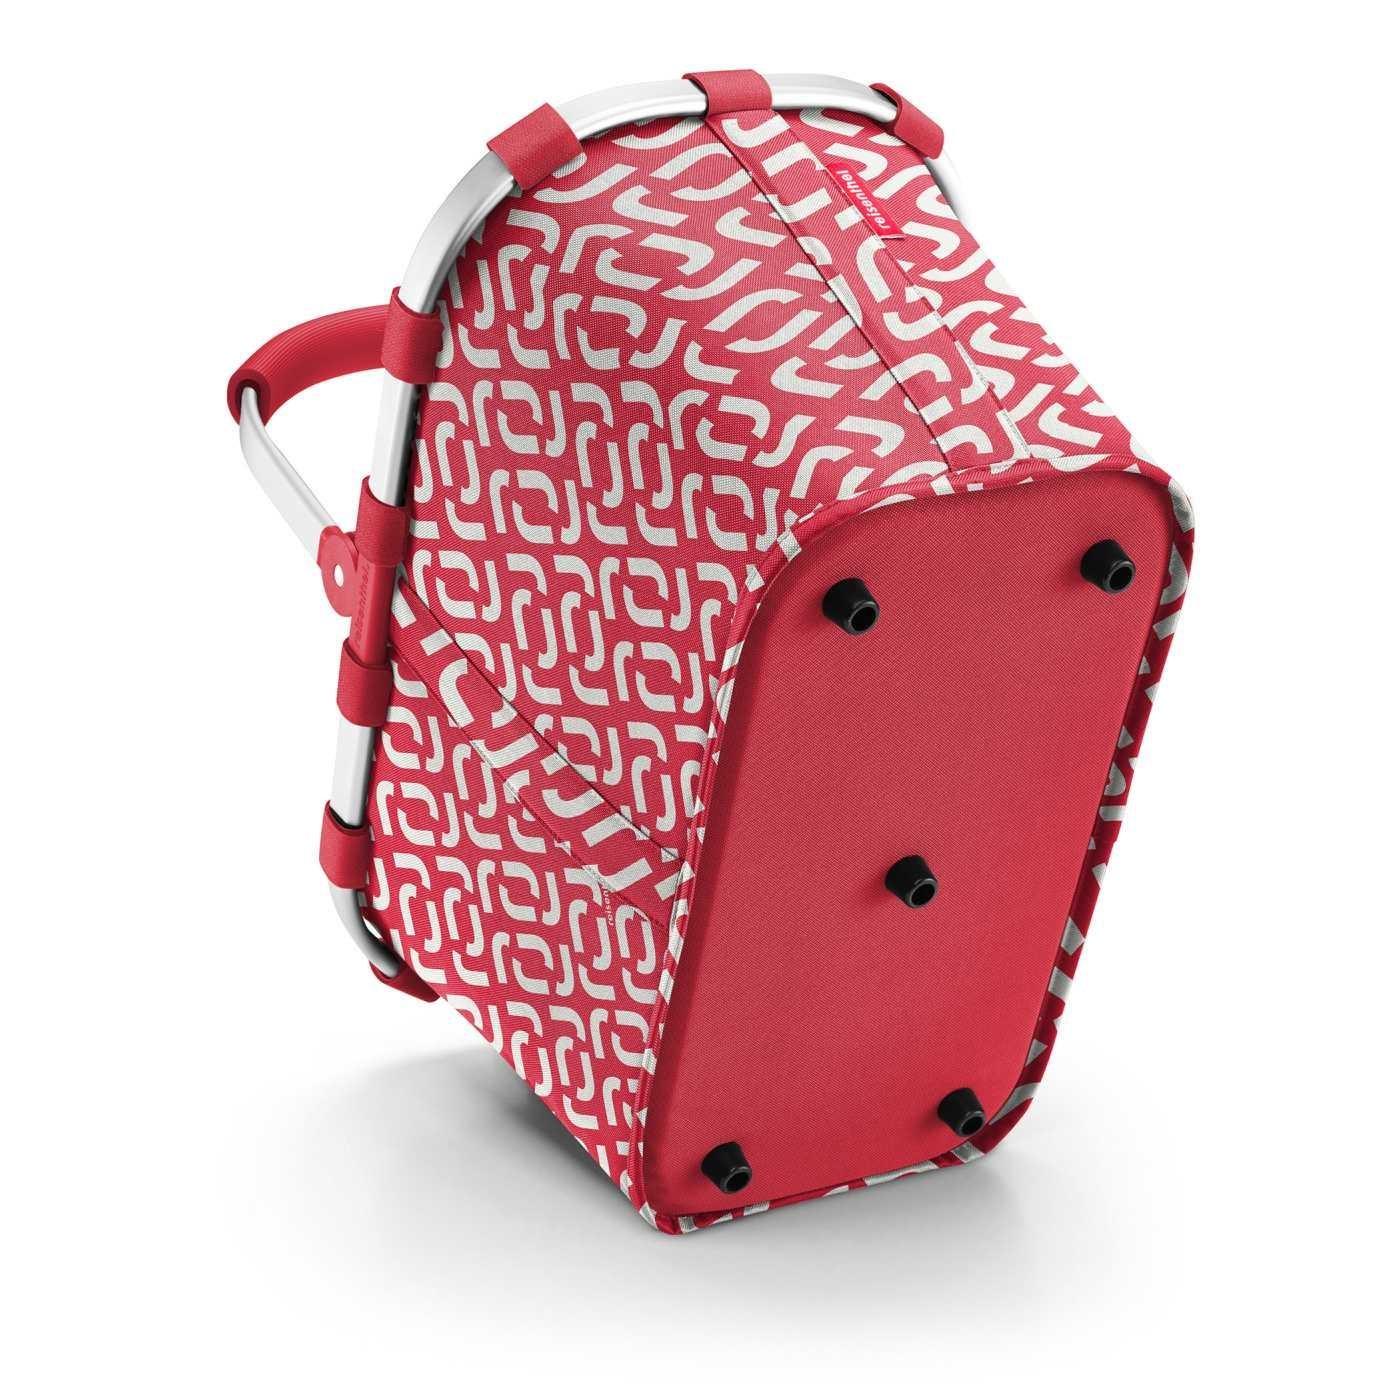 Nákupní košík Carrybag signature red_2